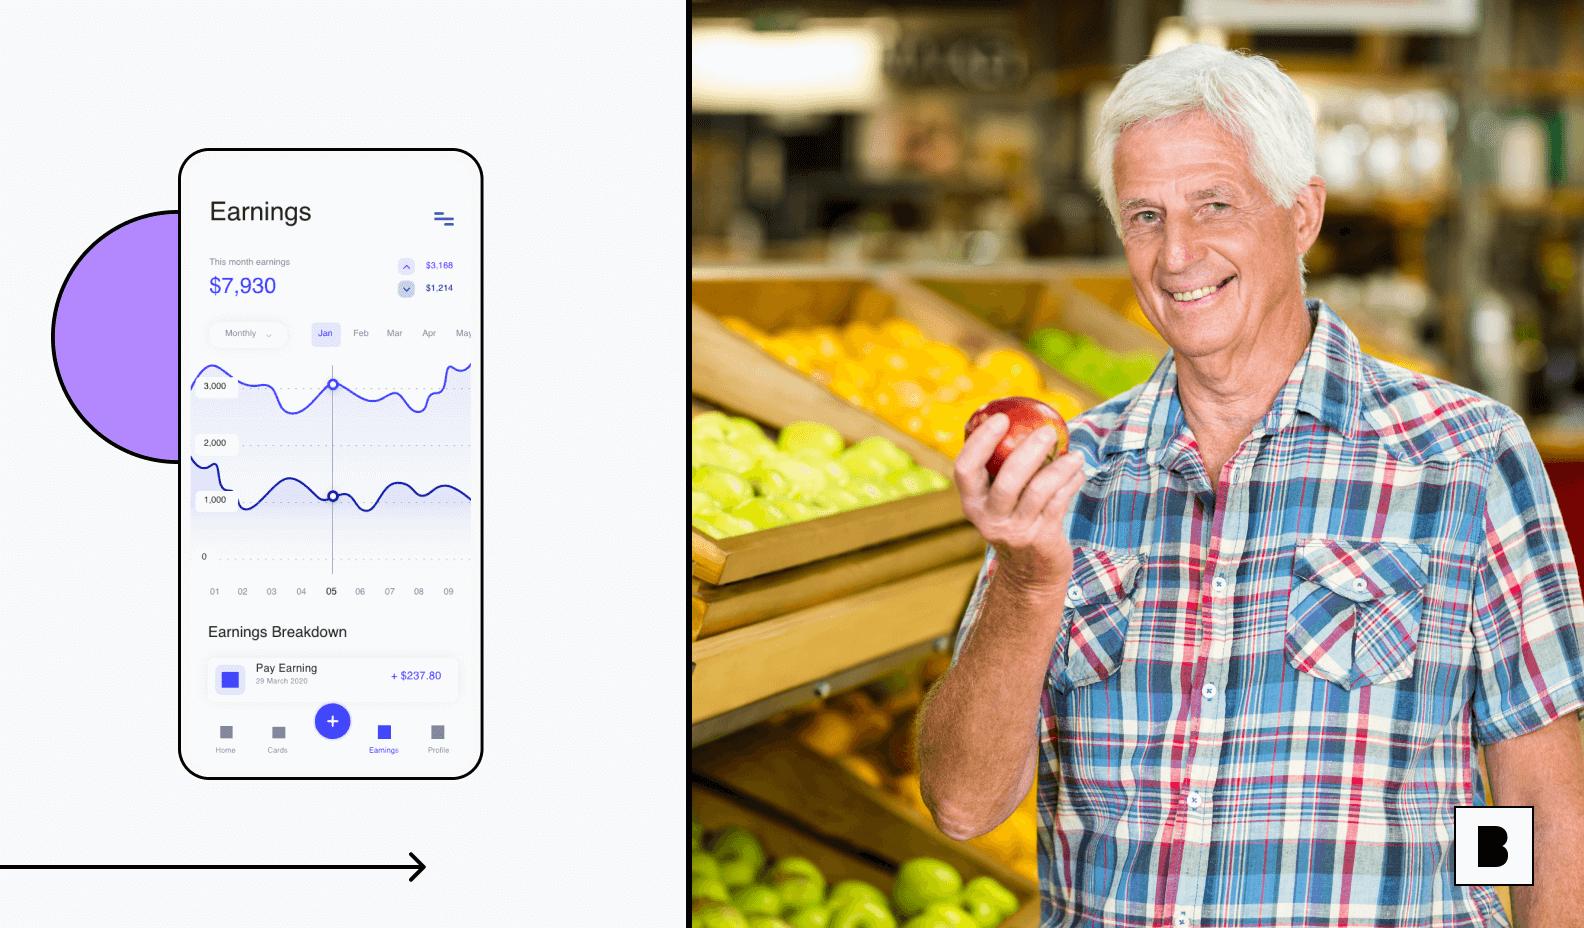 Mobile app screen for customer management having earning graph